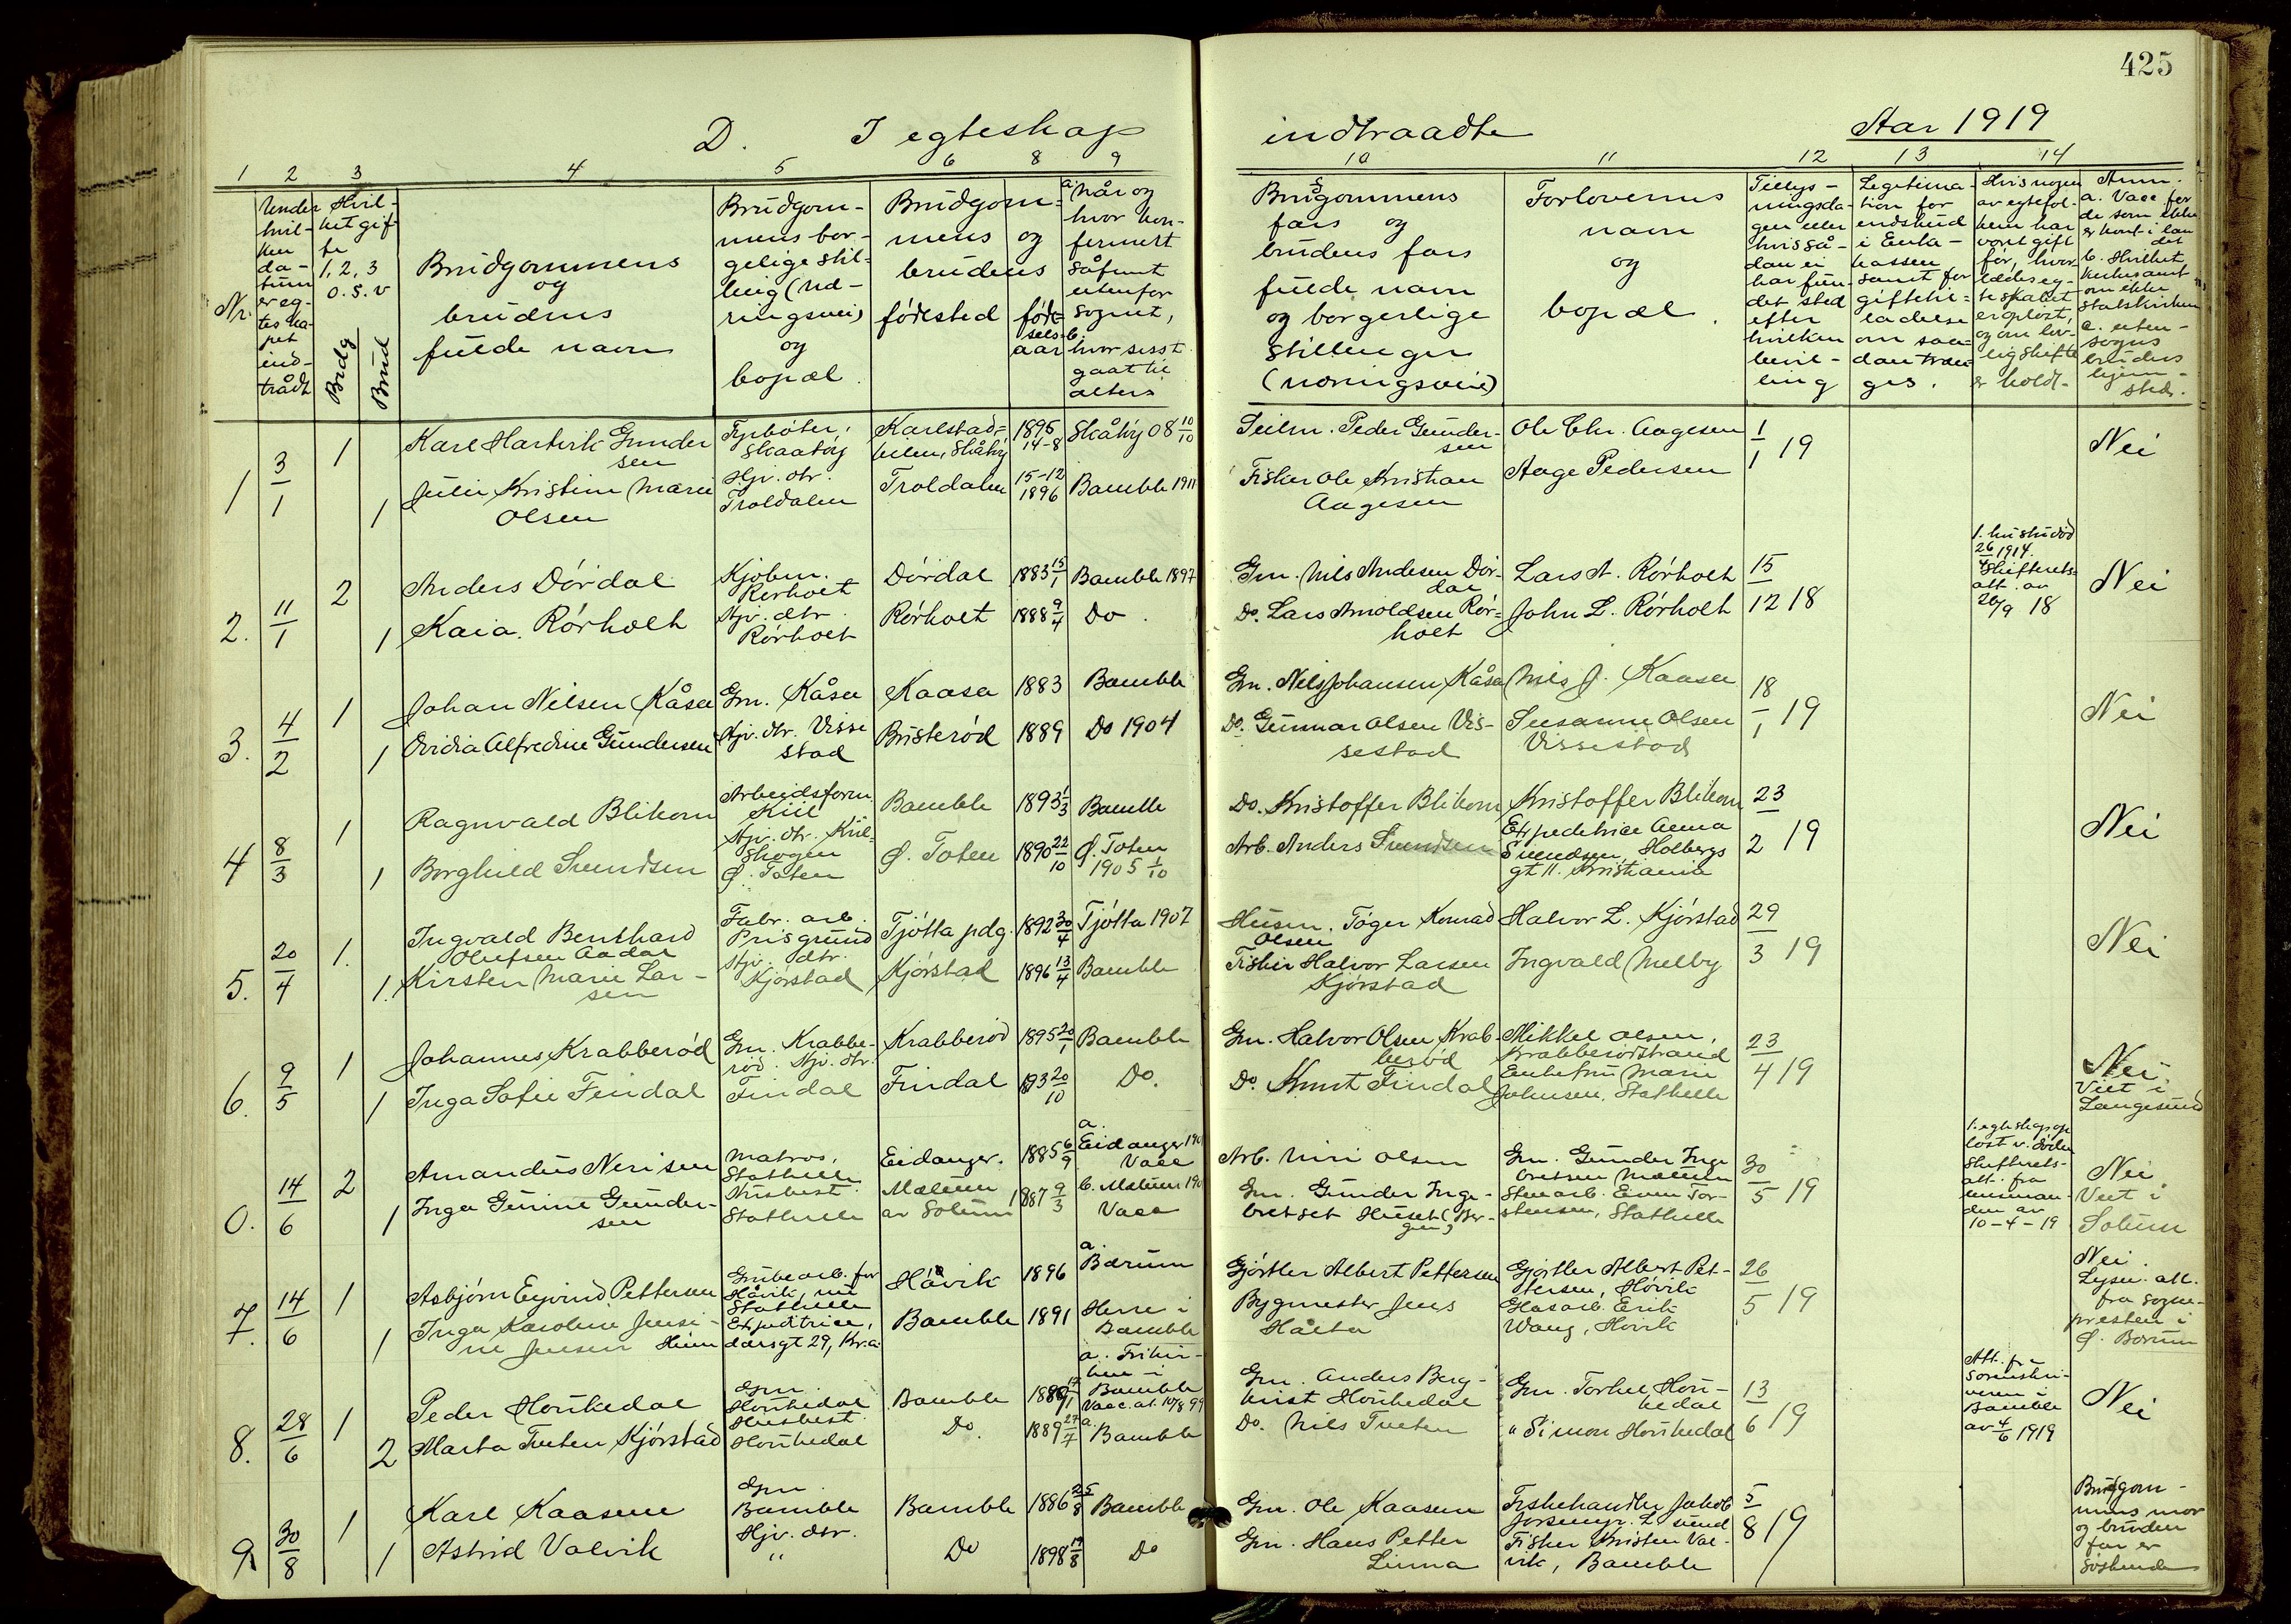 SAKO, Bamble kirkebøker, G/Ga/L0010: Klokkerbok nr. I 10, 1901-1919, s. 425